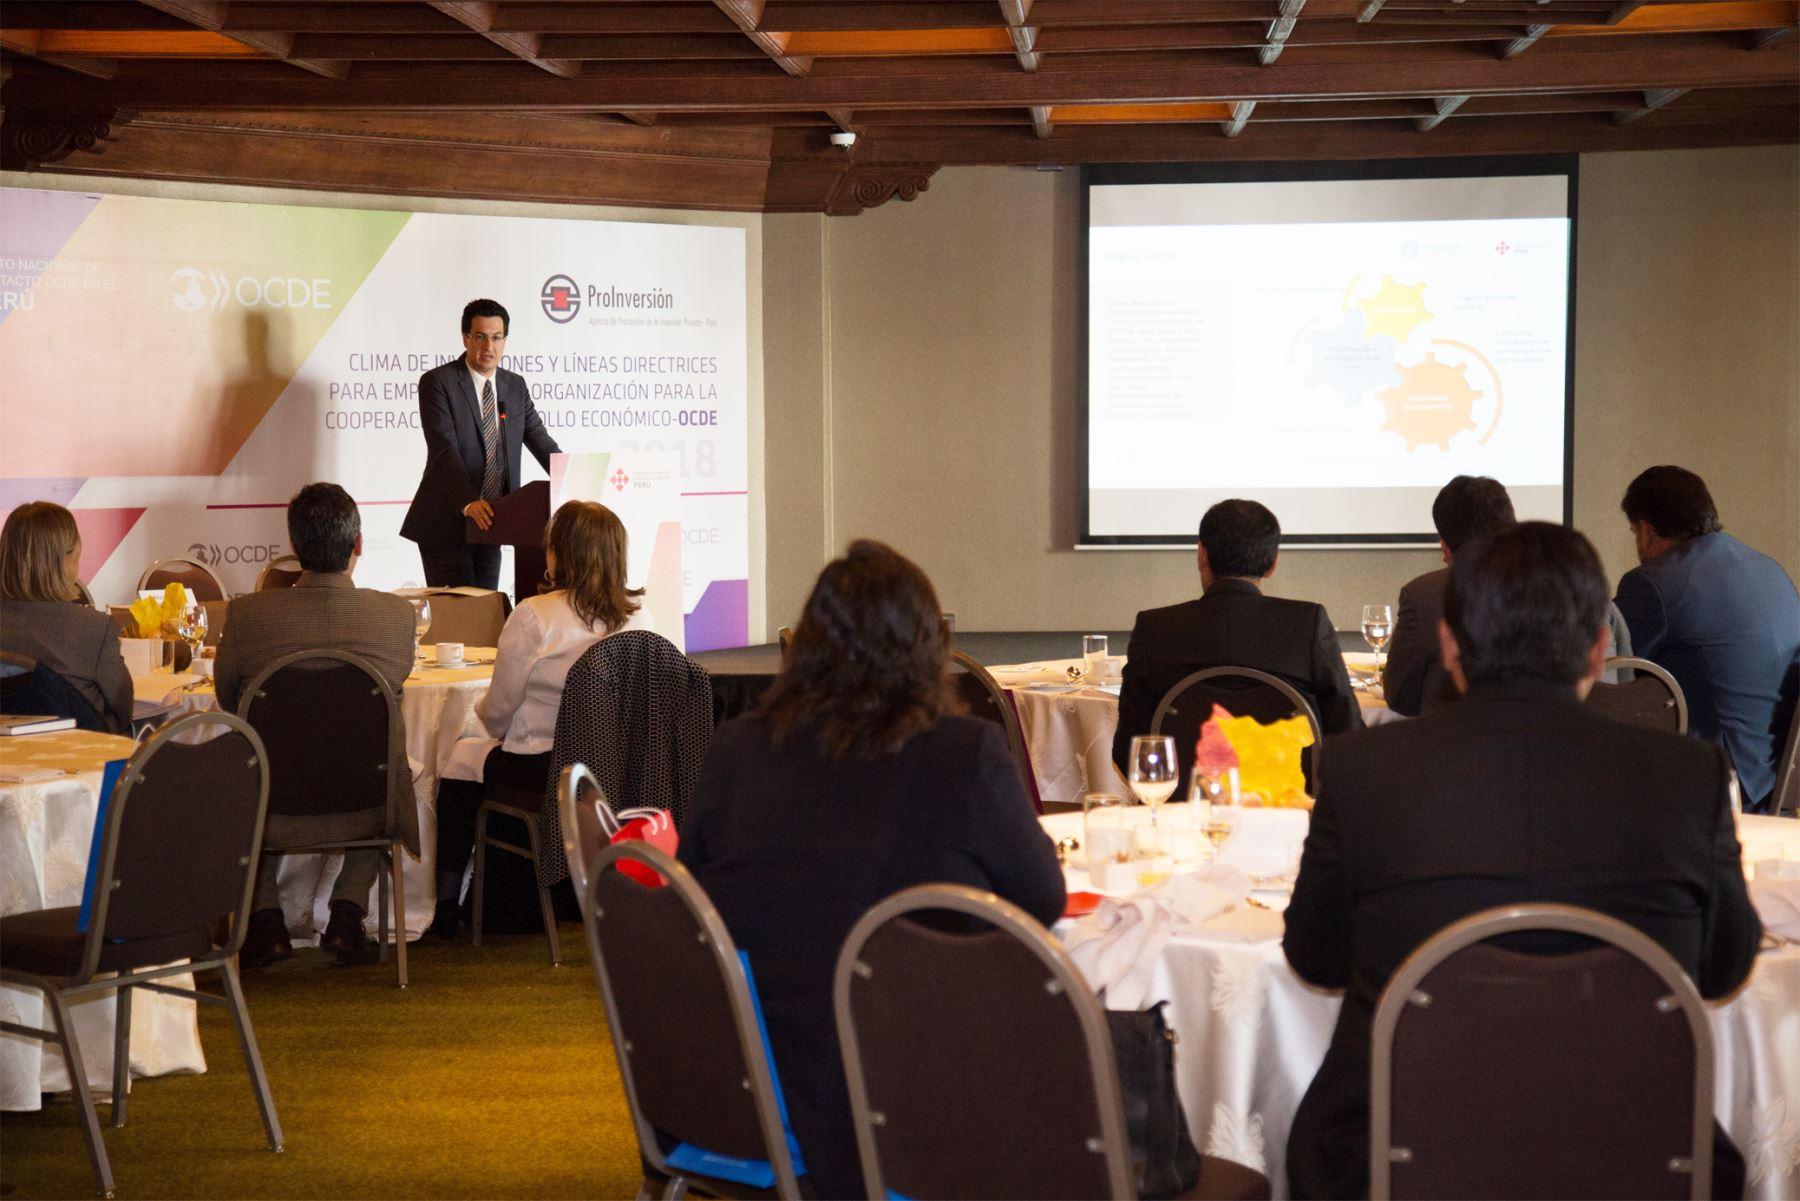 ProInversión reunió a diversos ejecutivos de la región Cusco para promover la conducta empresarial  responsable. Cortesía